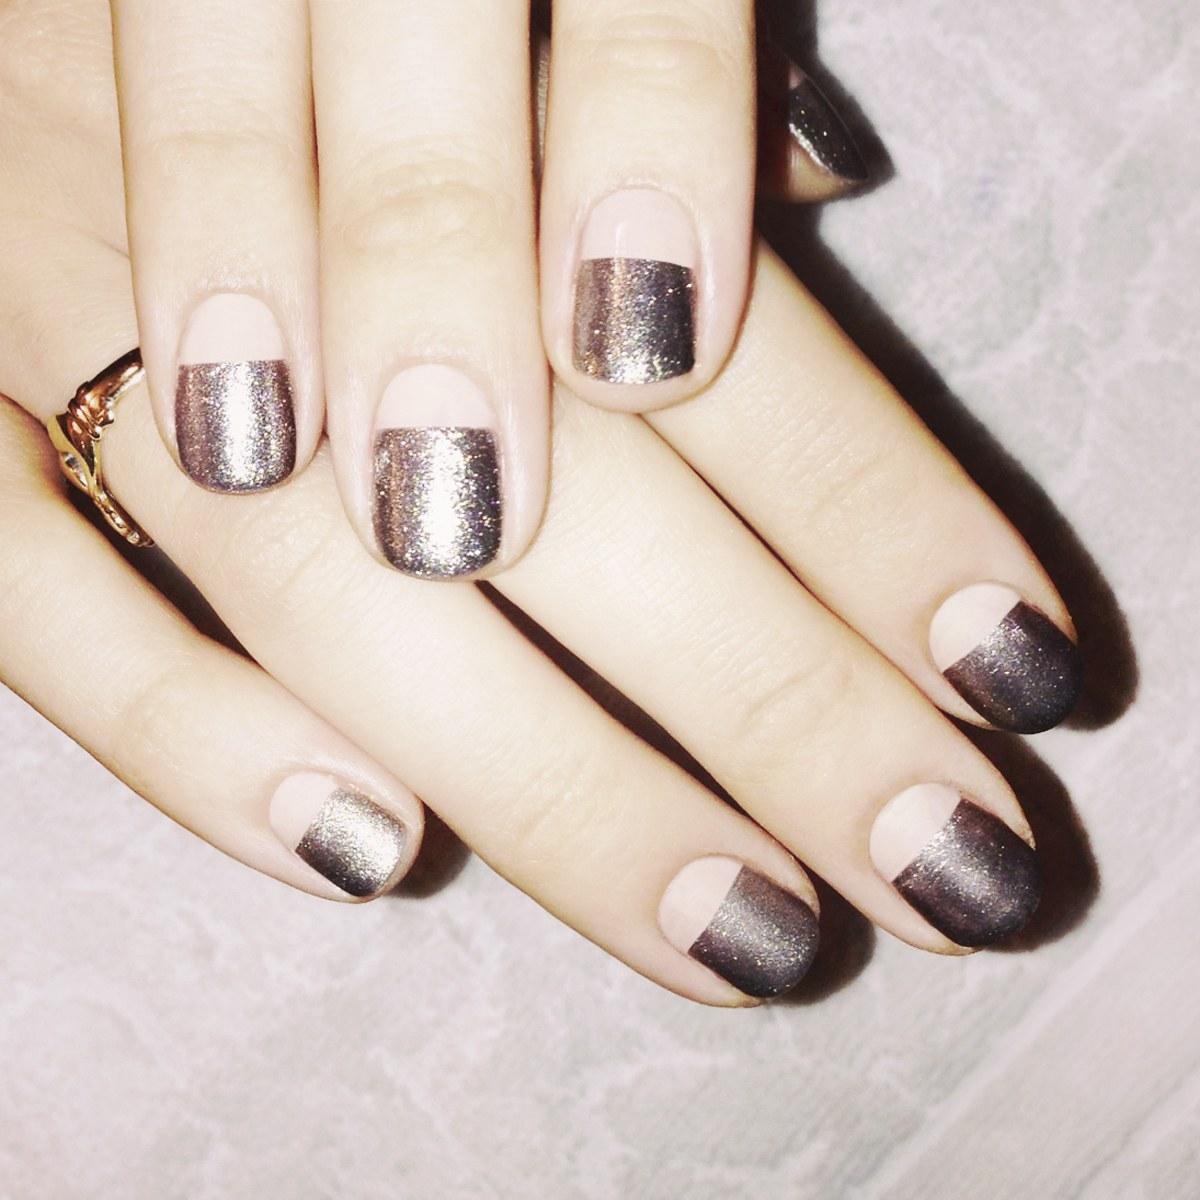 Перламутровый маникюр на короткие ногти фото дизайн